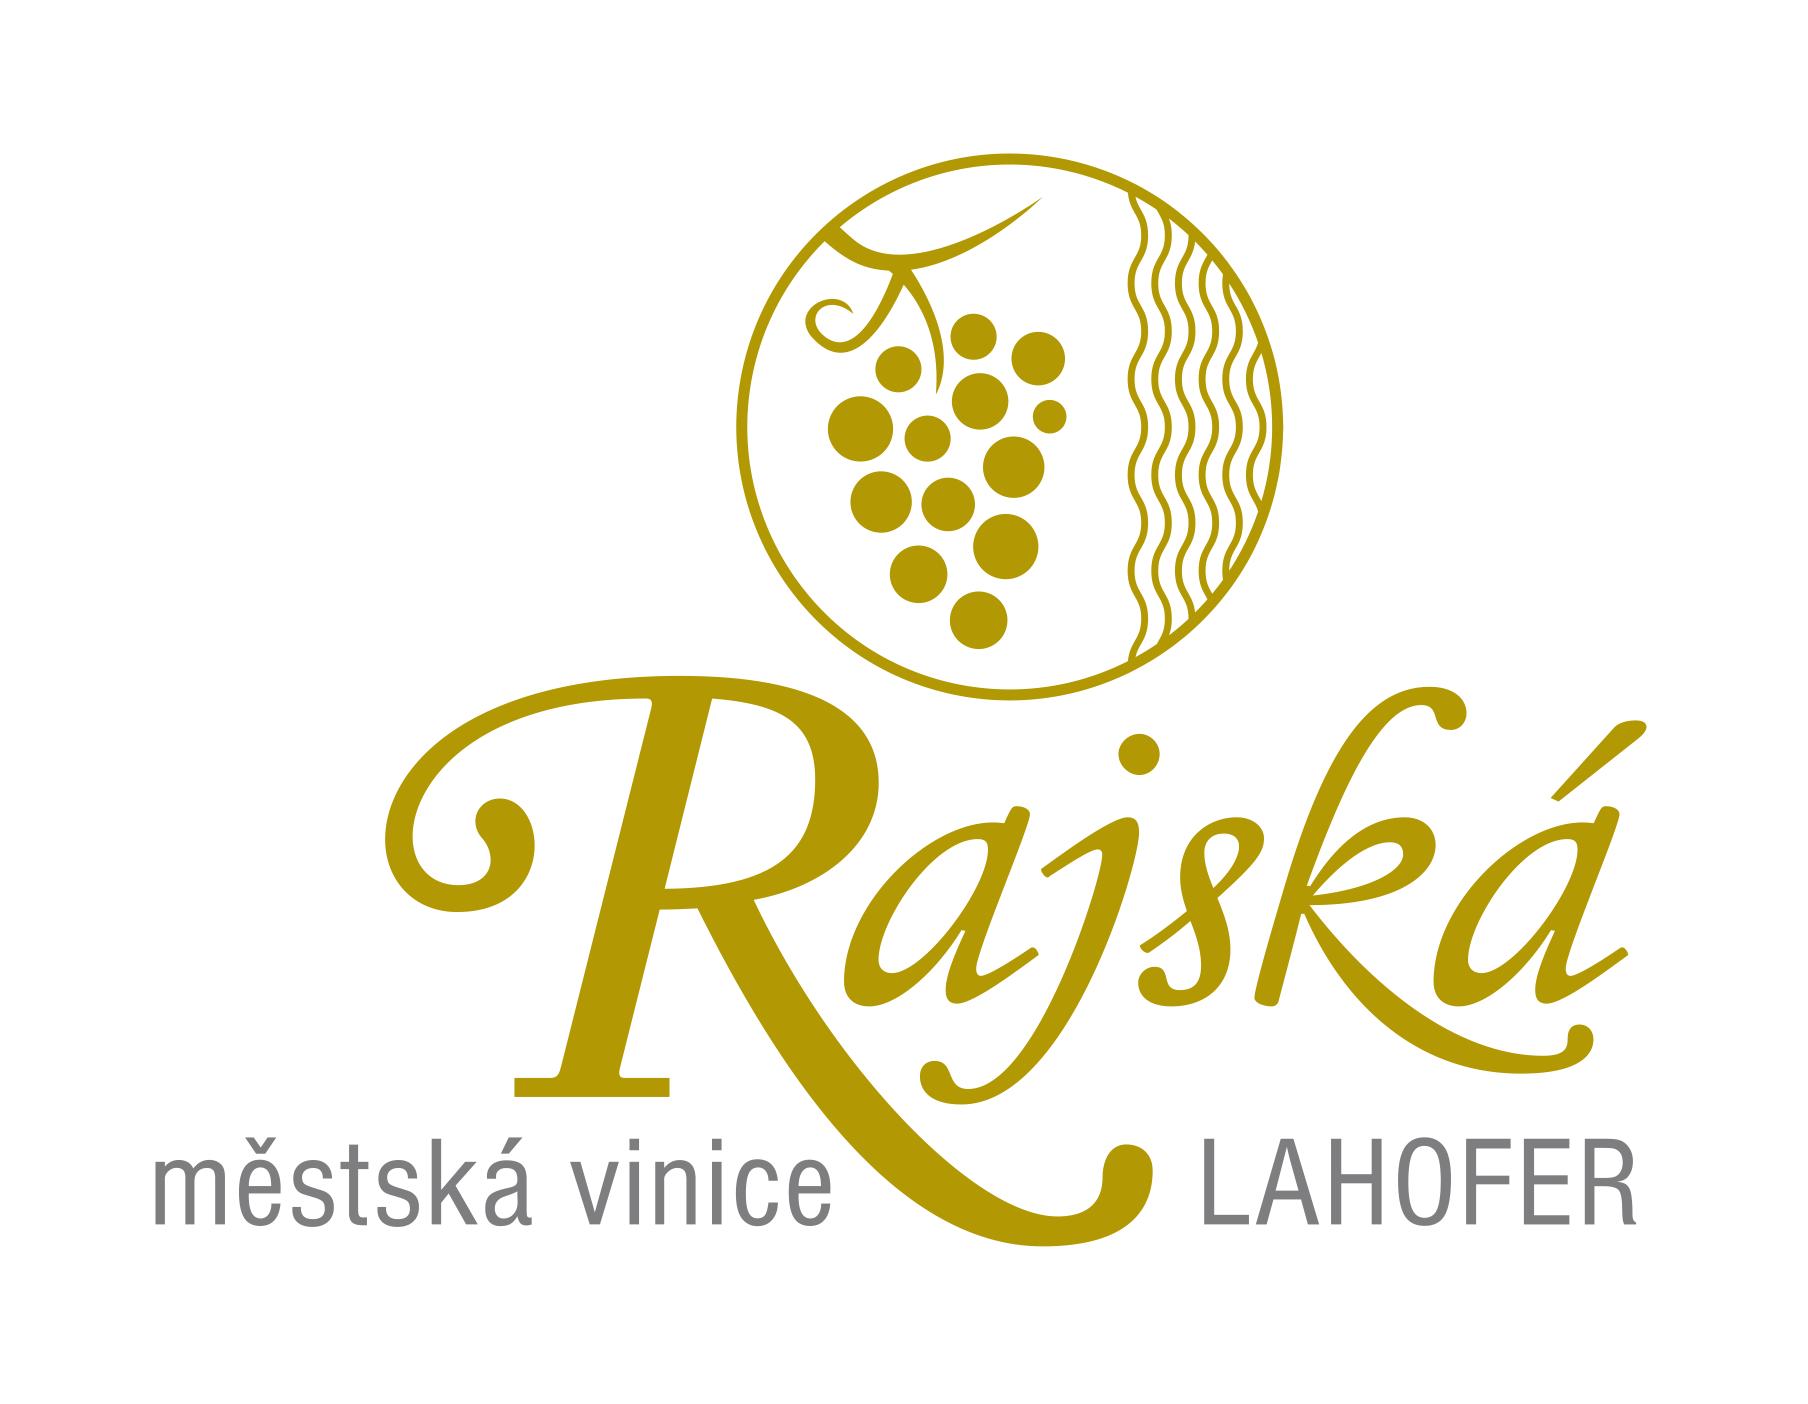 Lahofer Rajská vinice